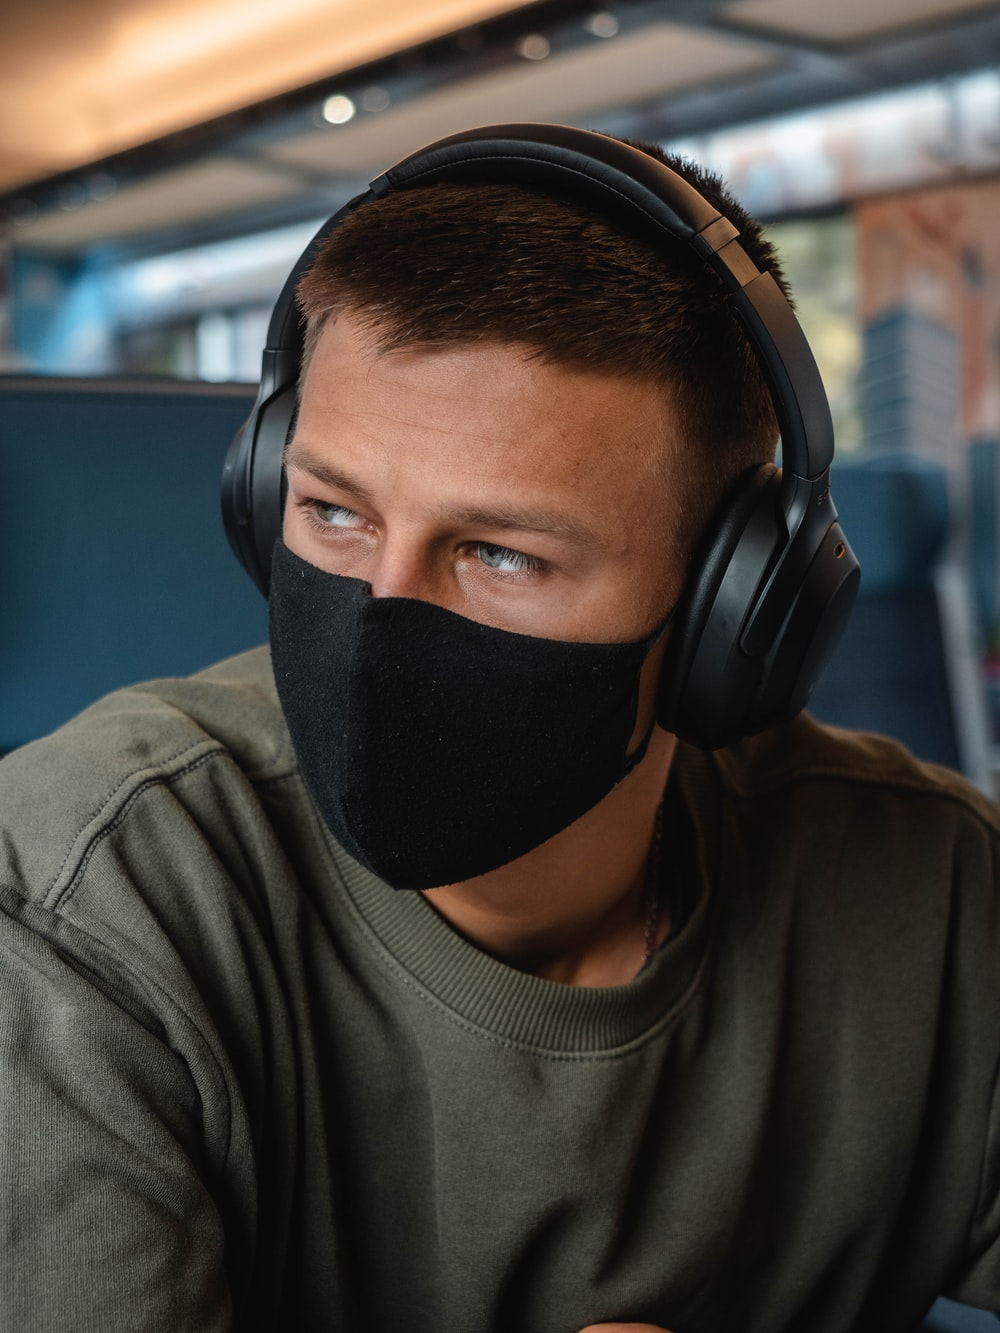 man in grey crew neck shirt wearing black headphones